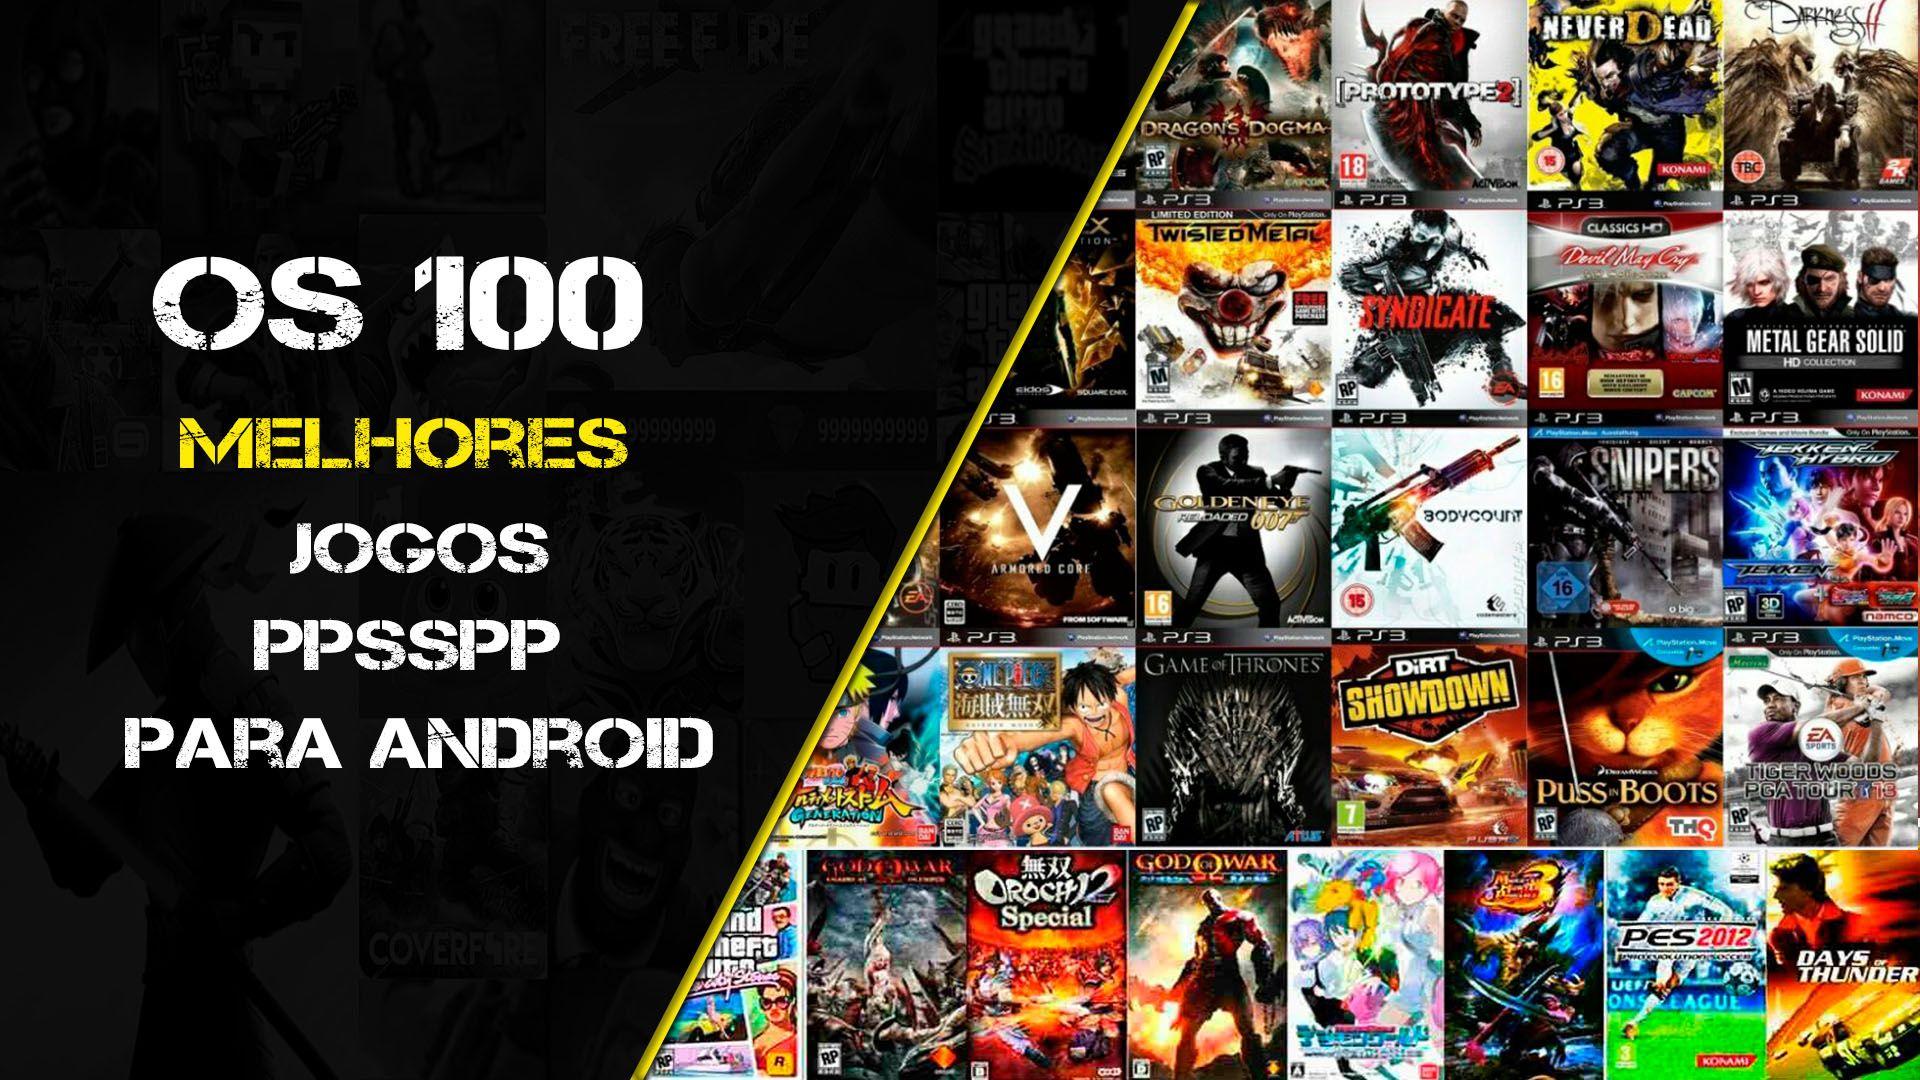 Os 100 Melhores Jogos Ppsspp Jogos Psp Para Download Android